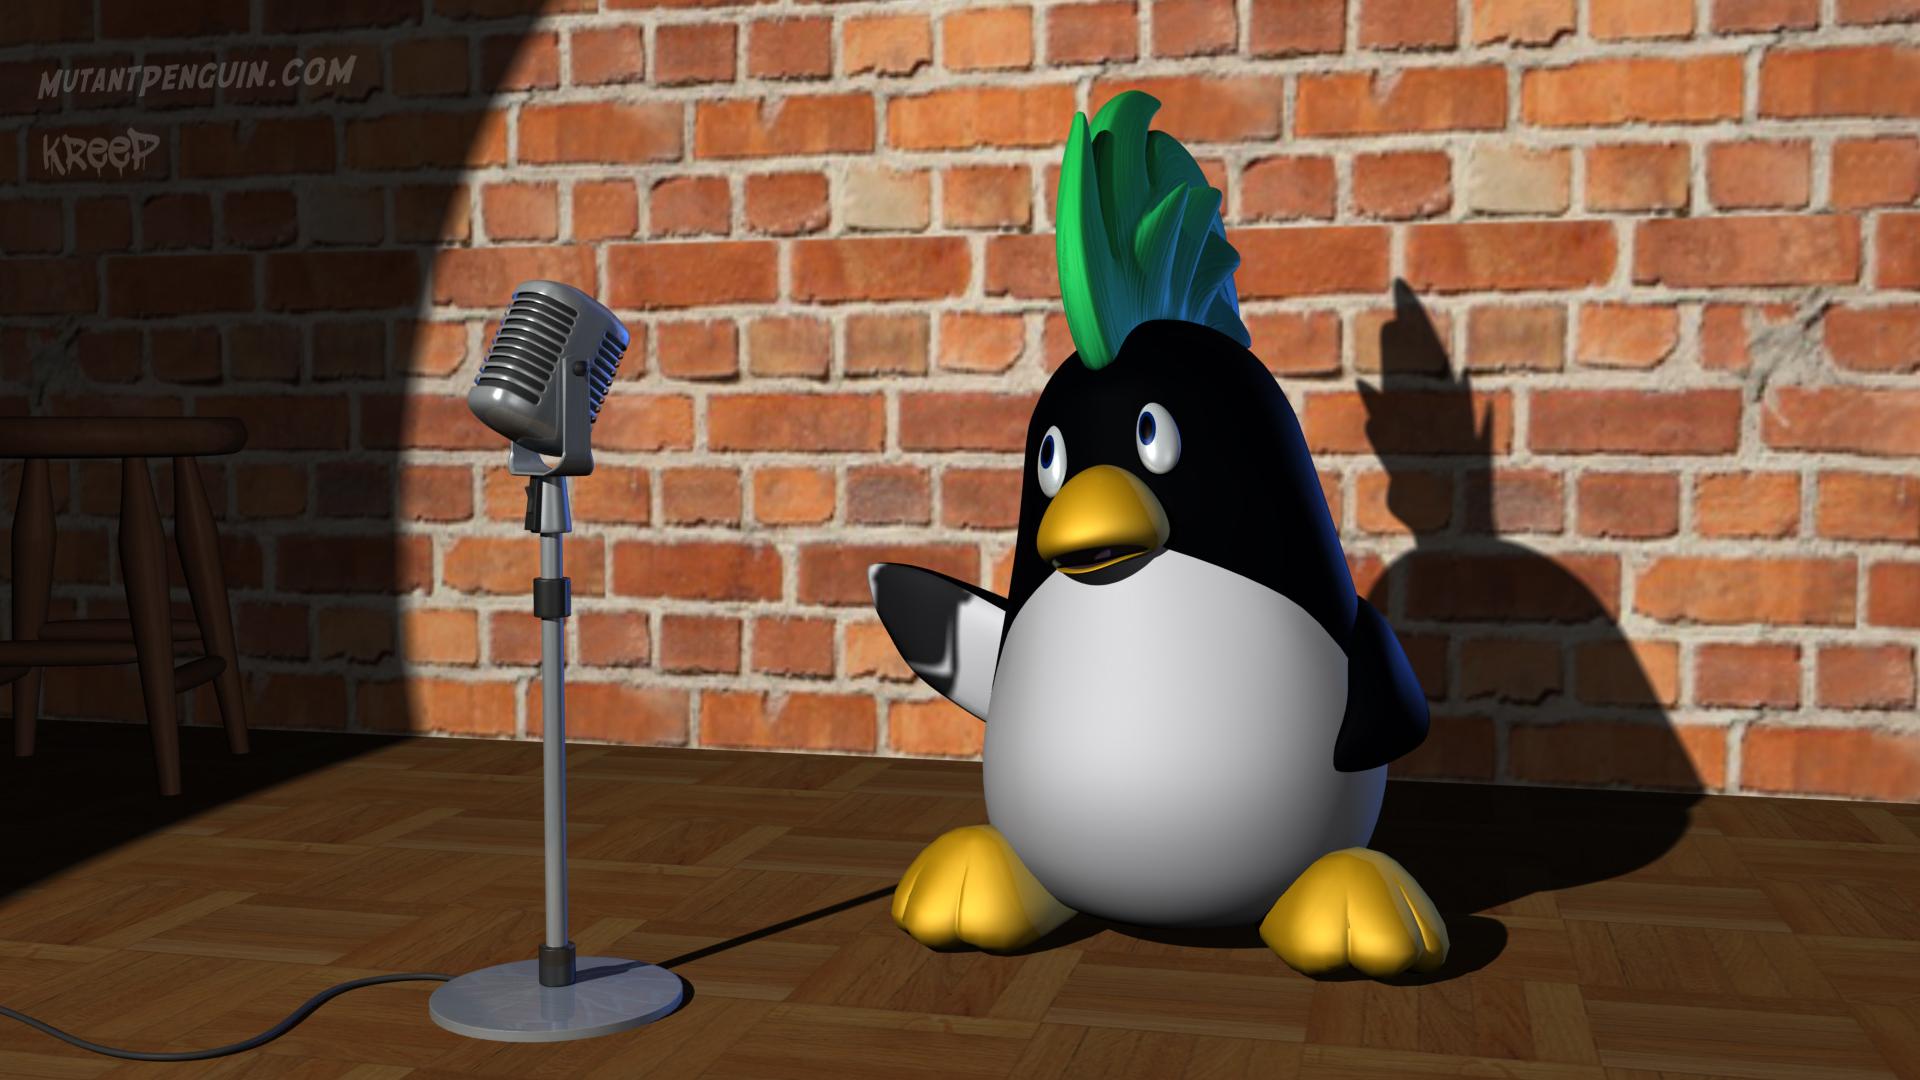 Mutant Penguin CG